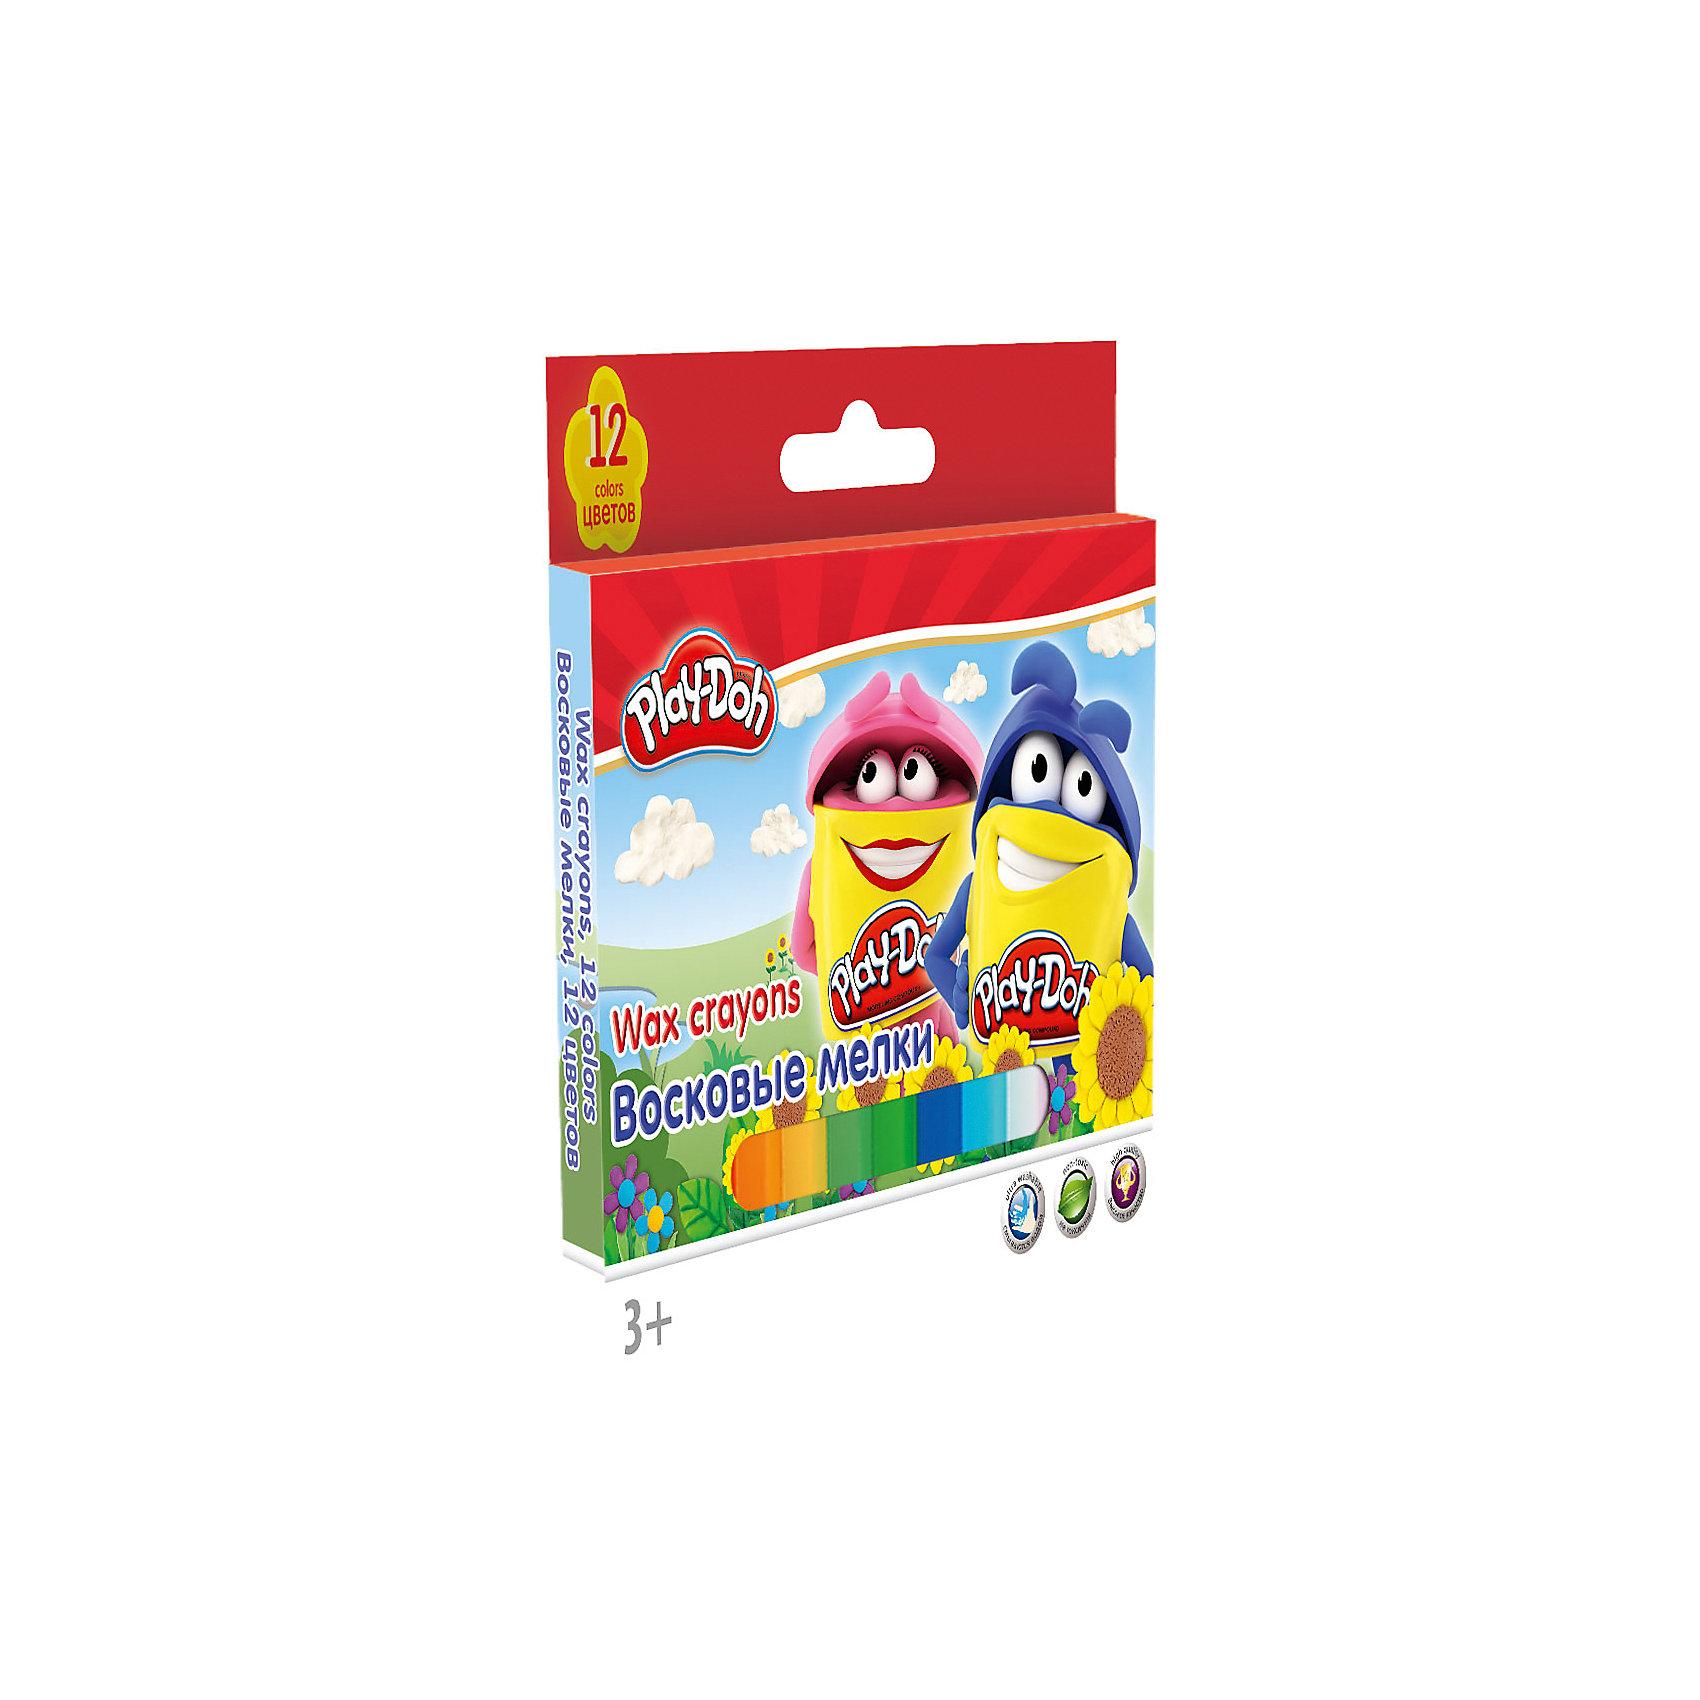 Восковые мелки, 12 шт, Play-DohВосковые мелки, Play-Doh, замечательно подойдут для рисования на бумаге и картоне. Мелки выполнены в форме карандашей и очень удобны в использовании. Благодаря своей мягкости, они прекрасно рисуют и обладают насыщенными цветами, что помогает создавать яркие<br>картинки. У каждого мелка пластиковый корпус с выдвижным механизмом, что позволяет сохранять руки чистыми. В комплекте 12 разноцветных восковых мелков, упакованных в картонную яркую коробочку с забавным рисунком. <br><br><br>Дополнительная информация:<br><br>- В комплекте: 12 штук.<br>- Размер упаковки: 12,5 х 1 x 13 см.<br>- Вес: 113 гр.<br><br>Восковые мелки, 12 шт., Play-Doh, можно купить в нашем интернет-магазине.<br><br>Ширина мм: 125<br>Глубина мм: 10<br>Высота мм: 130<br>Вес г: 113<br>Возраст от месяцев: 36<br>Возраст до месяцев: 72<br>Пол: Унисекс<br>Возраст: Детский<br>SKU: 4681135